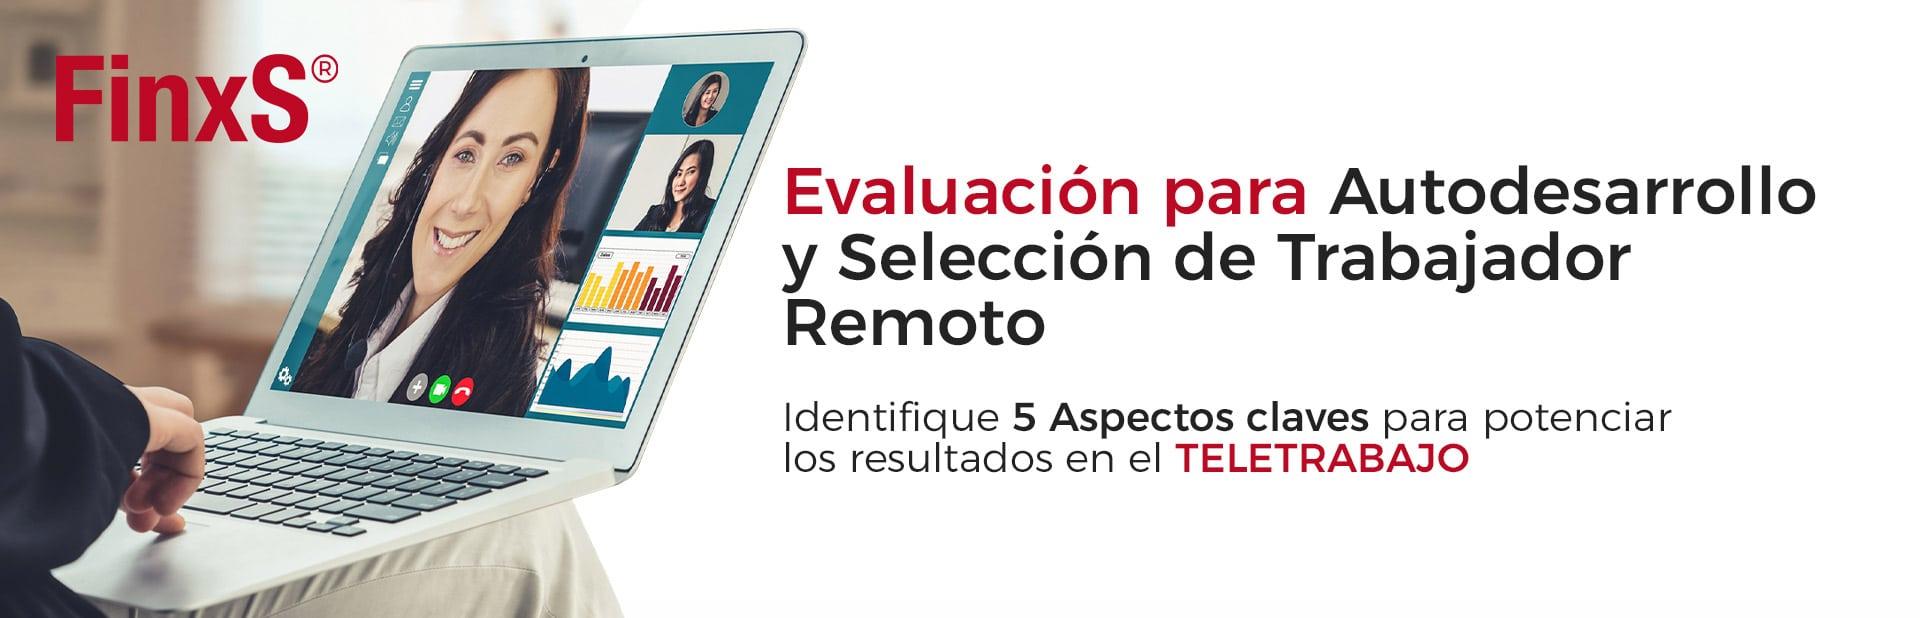 Banner2 evaluacion de autodesarrollo contratacion trabajador remoto finxs